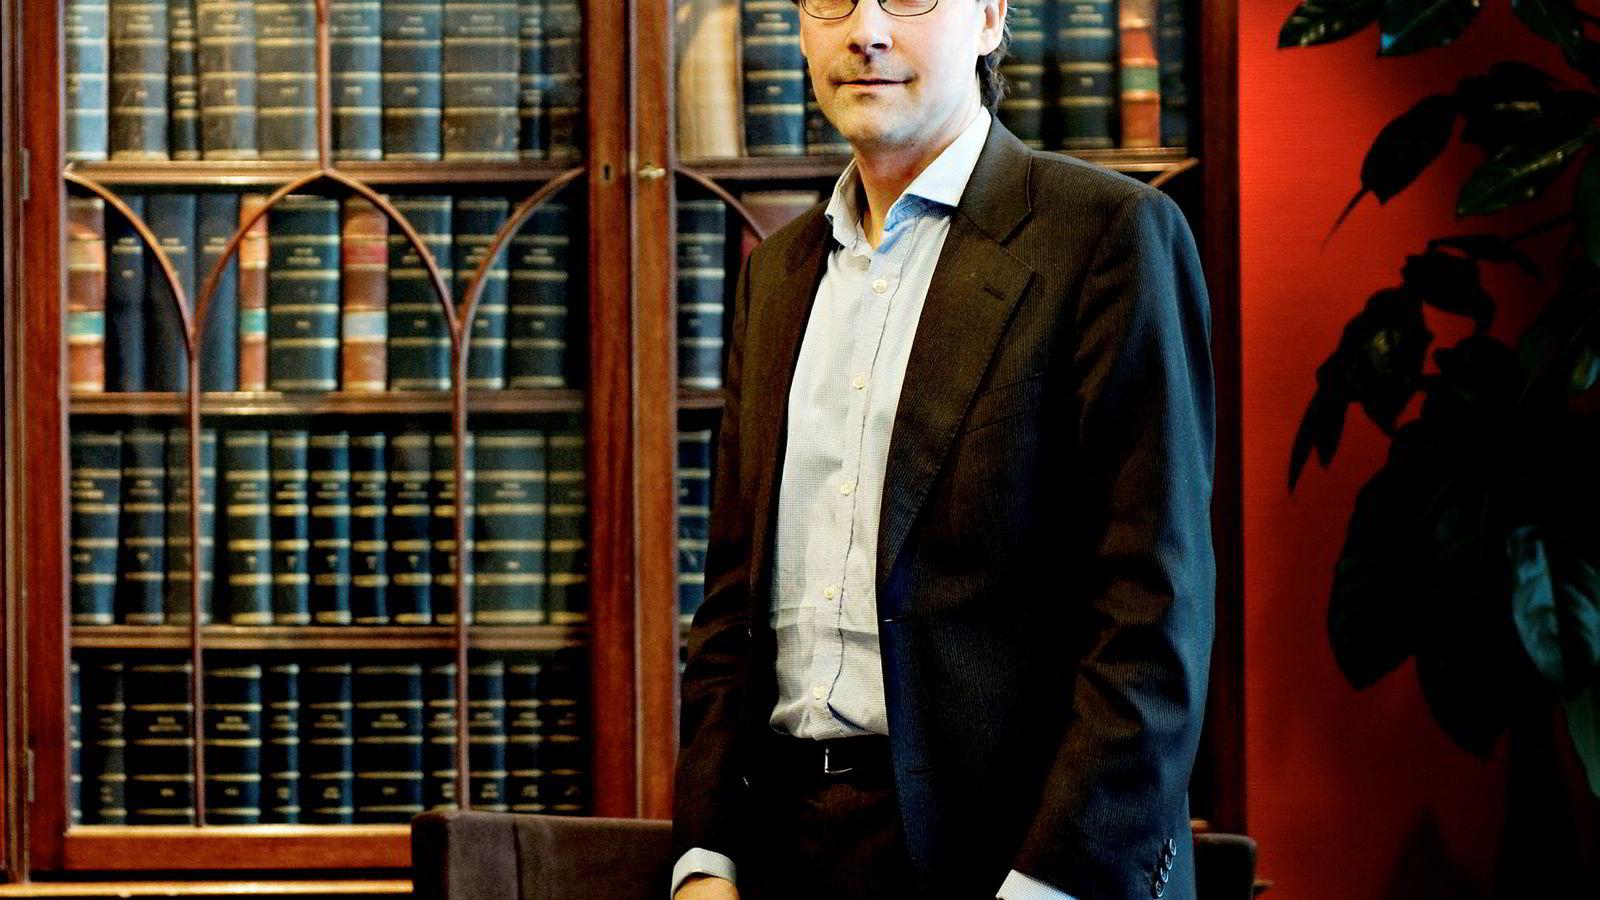 – Det stilles nå spørsmål knyttet til mitt engasjement, og jeg finner det korrekt å trekke meg som partner av hensyn til min egen integritet og mine tidligere kolleger i advokatfirmaet Simonsen Vogt Wiig, sier Leif Tore Rønning.